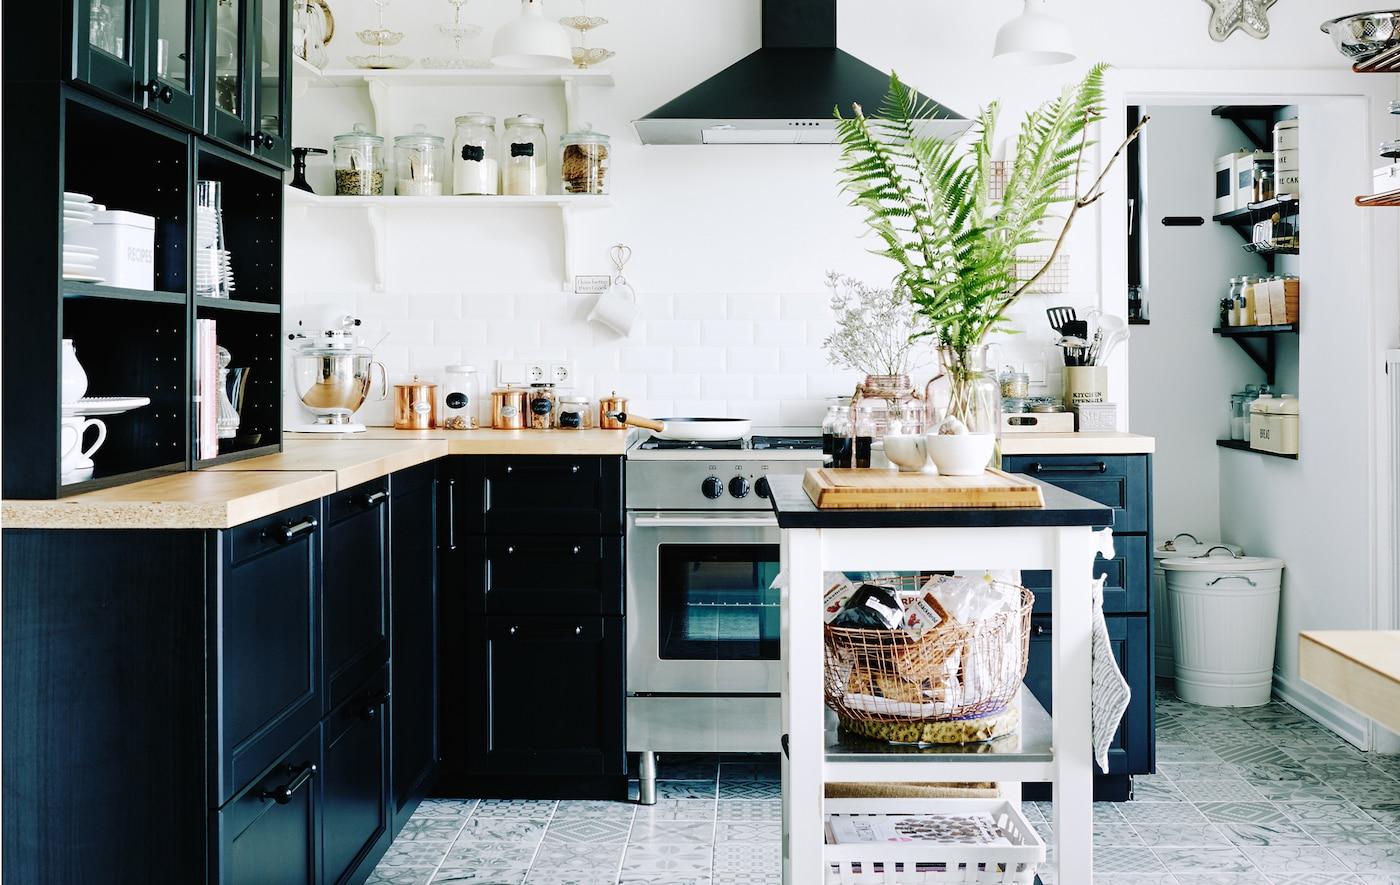 مطبخ باللونين الأسود والأبيض وتظهر منطقة تخزين الطعام الحافلة بحلول التخزين.